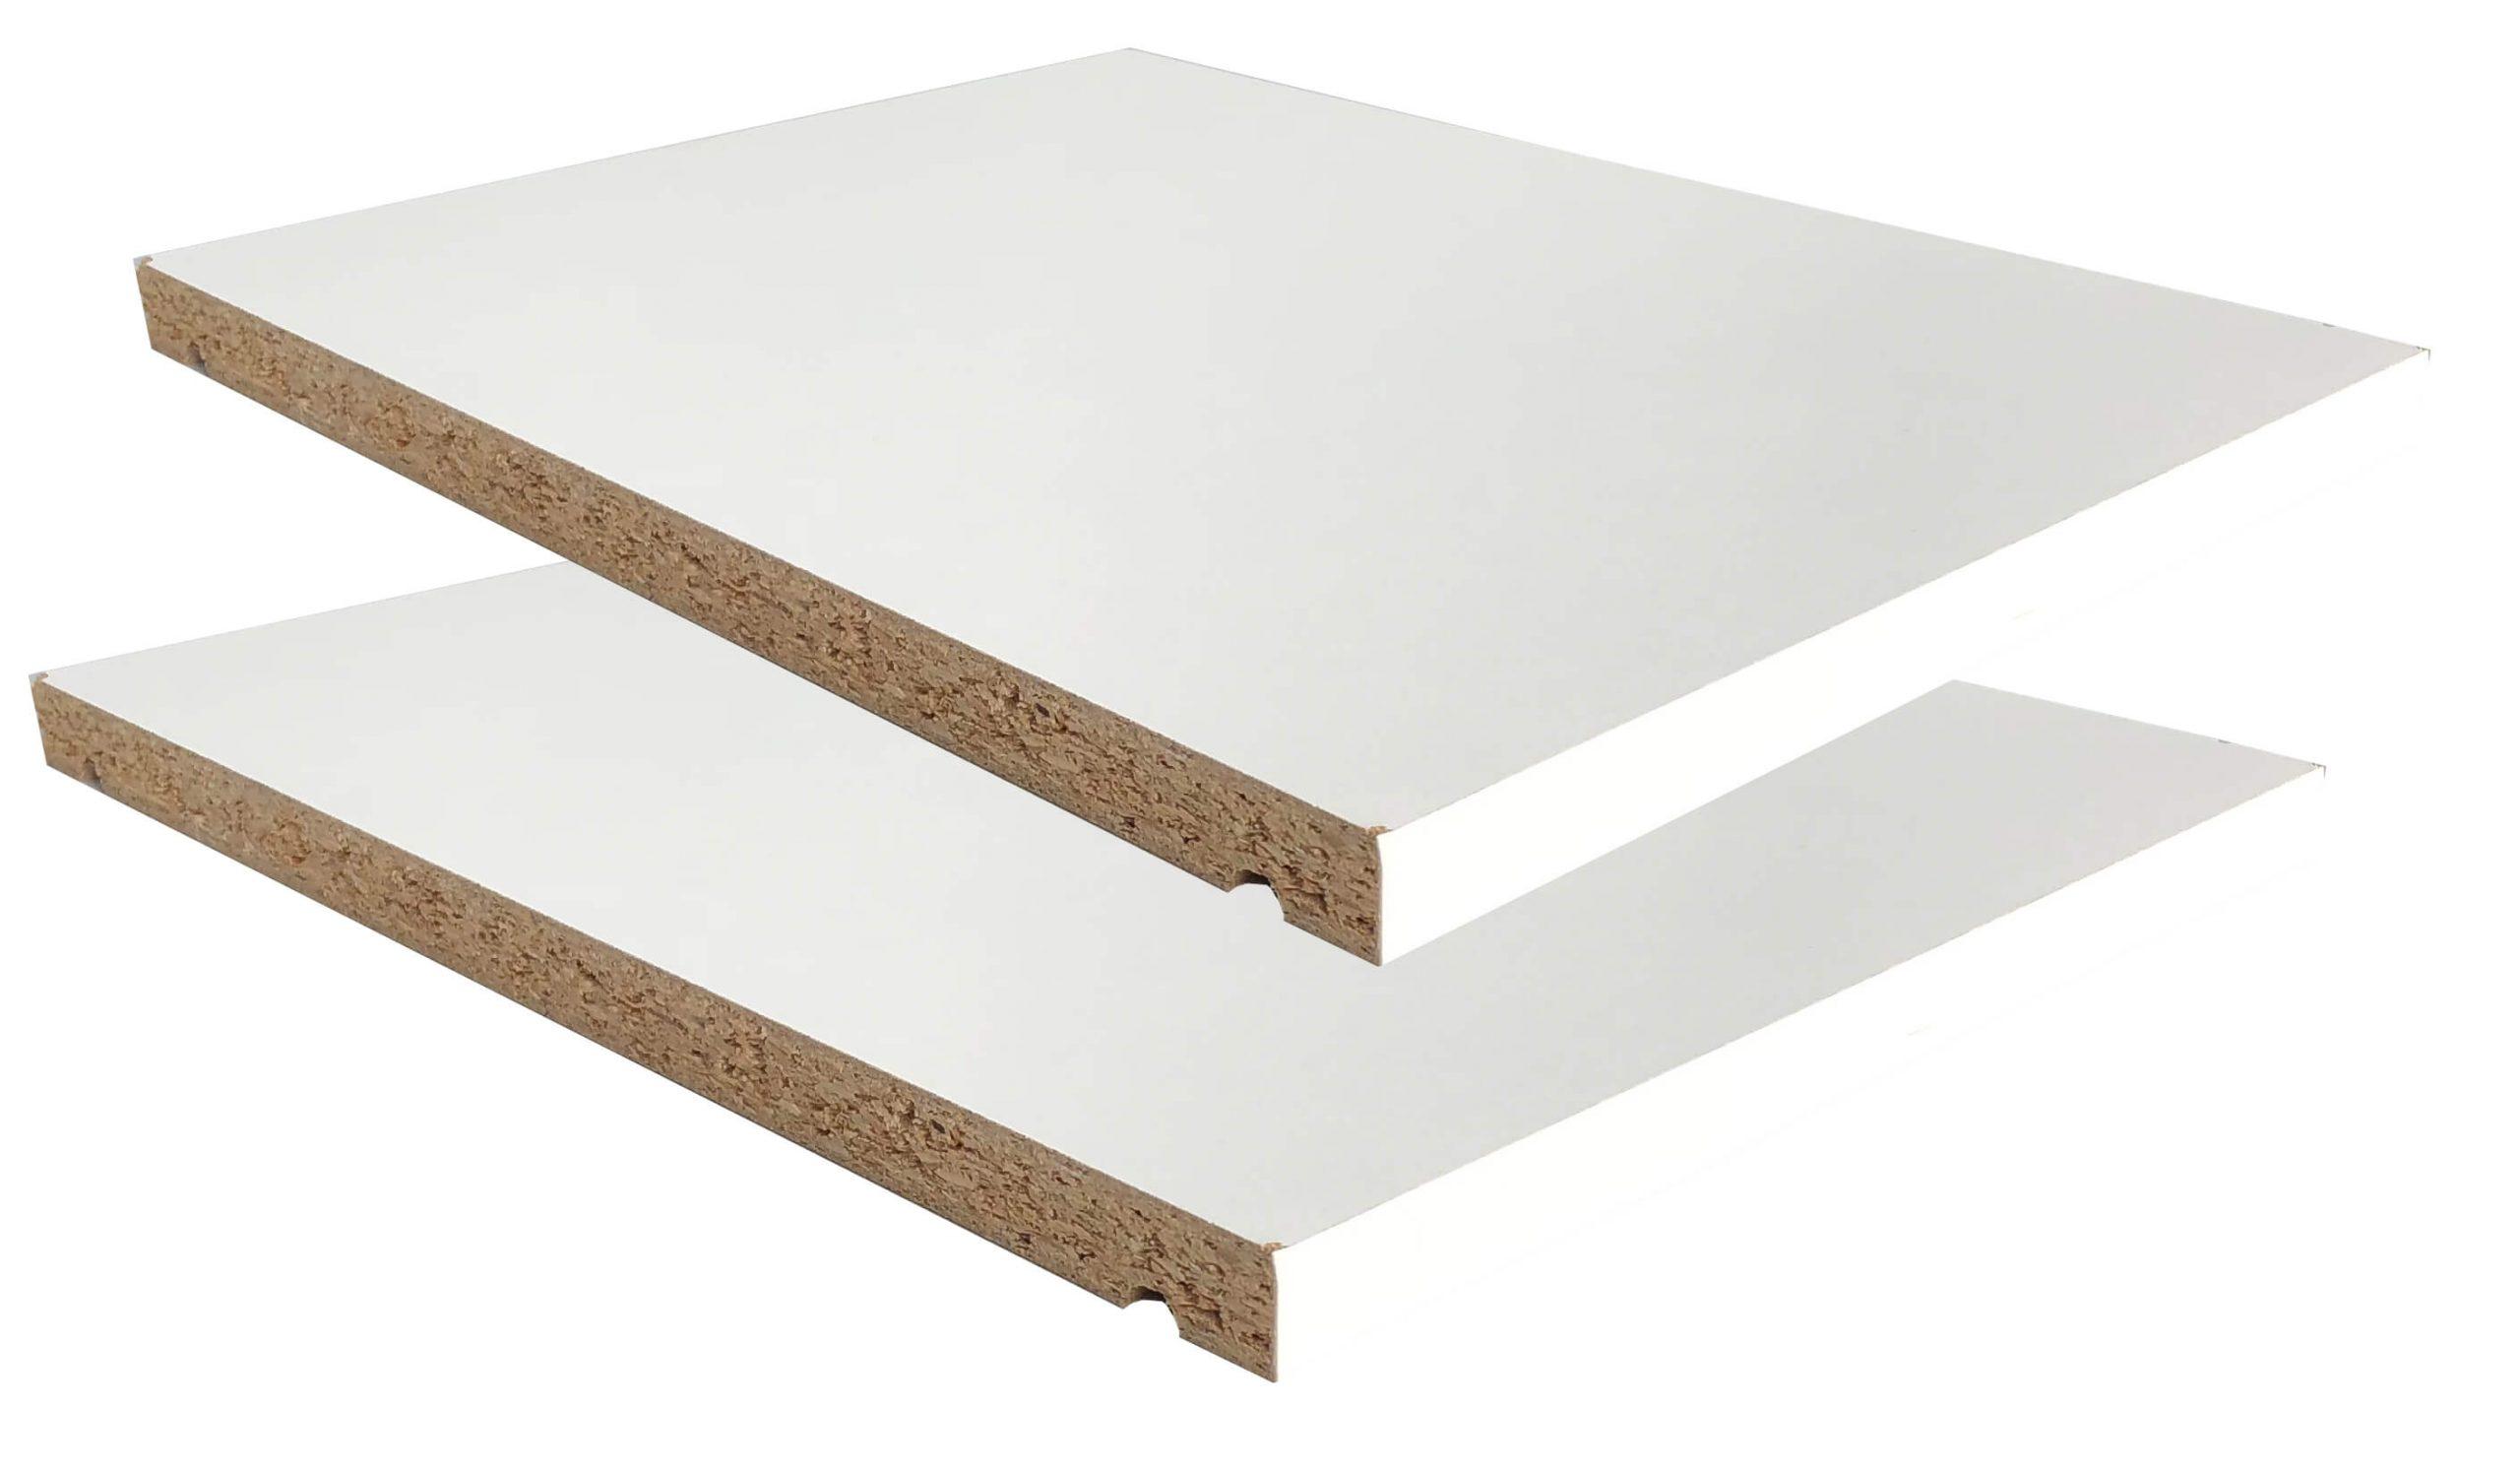 Full Size of Einlegeboden Küche Einlegeböden Küchenschränke Einlegeböden Küchenschrank Ikea Einlegeboden Küche Ikea Küche Einlegeböden Küche